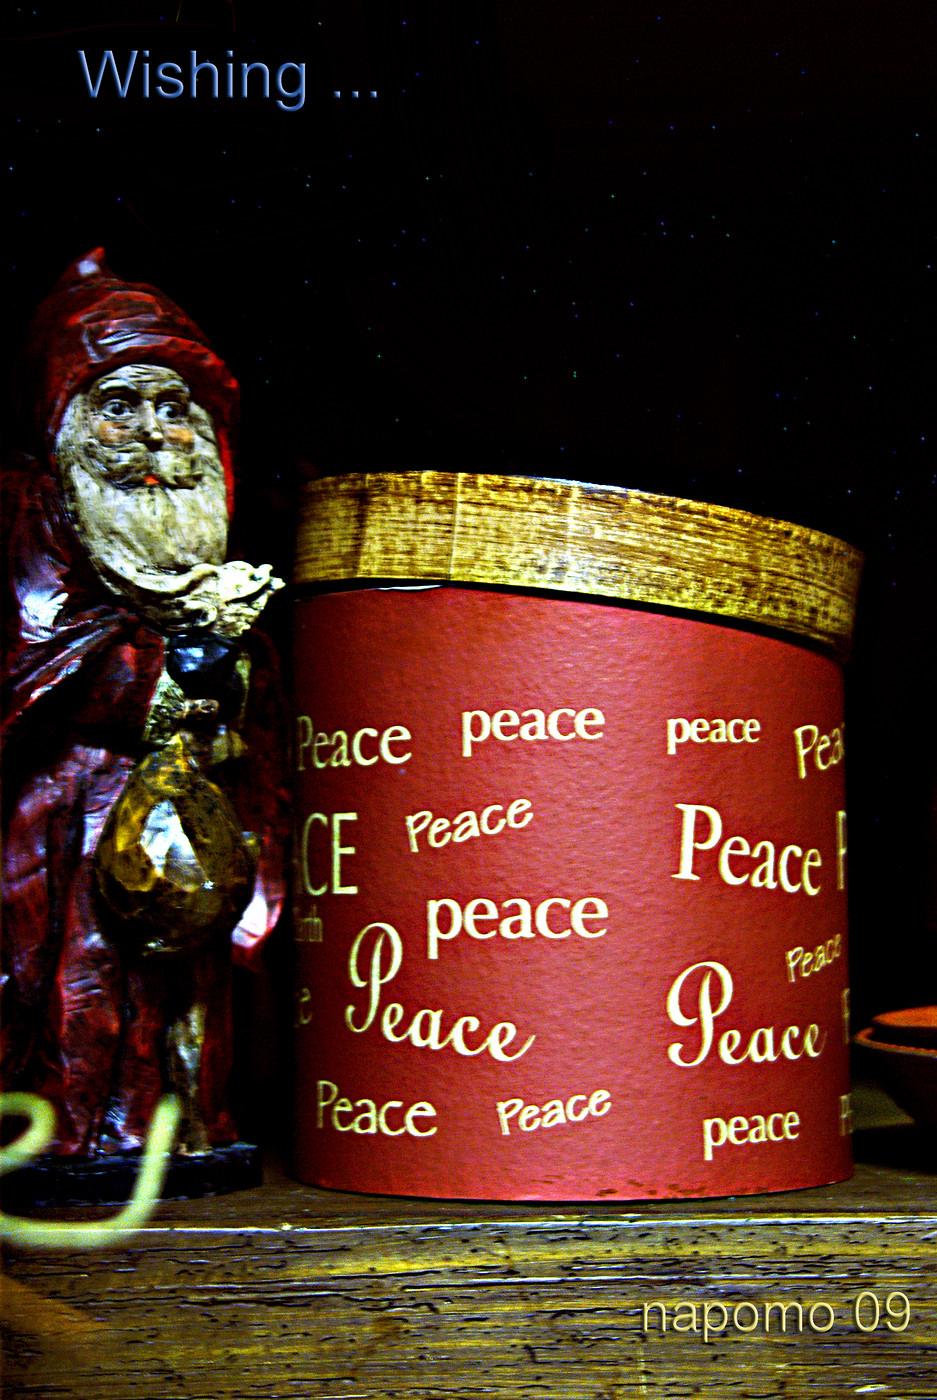 IMGP2034 peace xmas 09